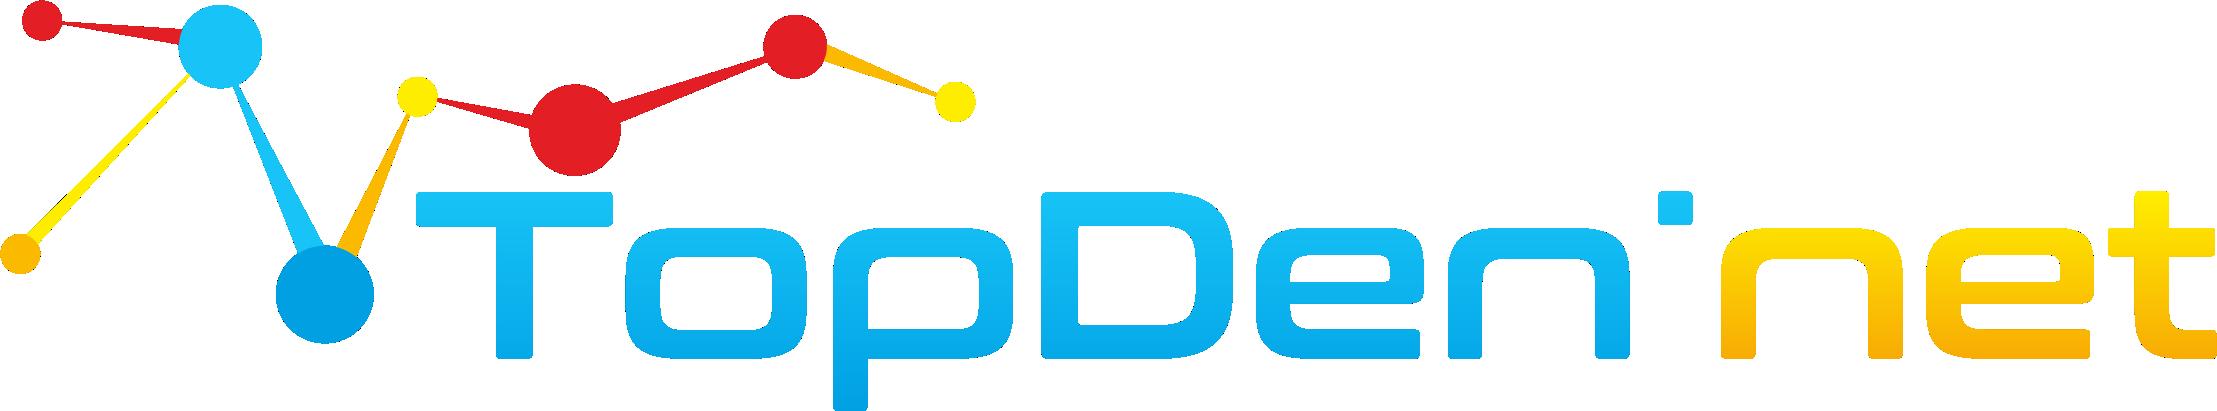 Разработка и продвижение сайтов в Житомире, Киеве, Украине, России  - Интернет-агентство «TopDen»